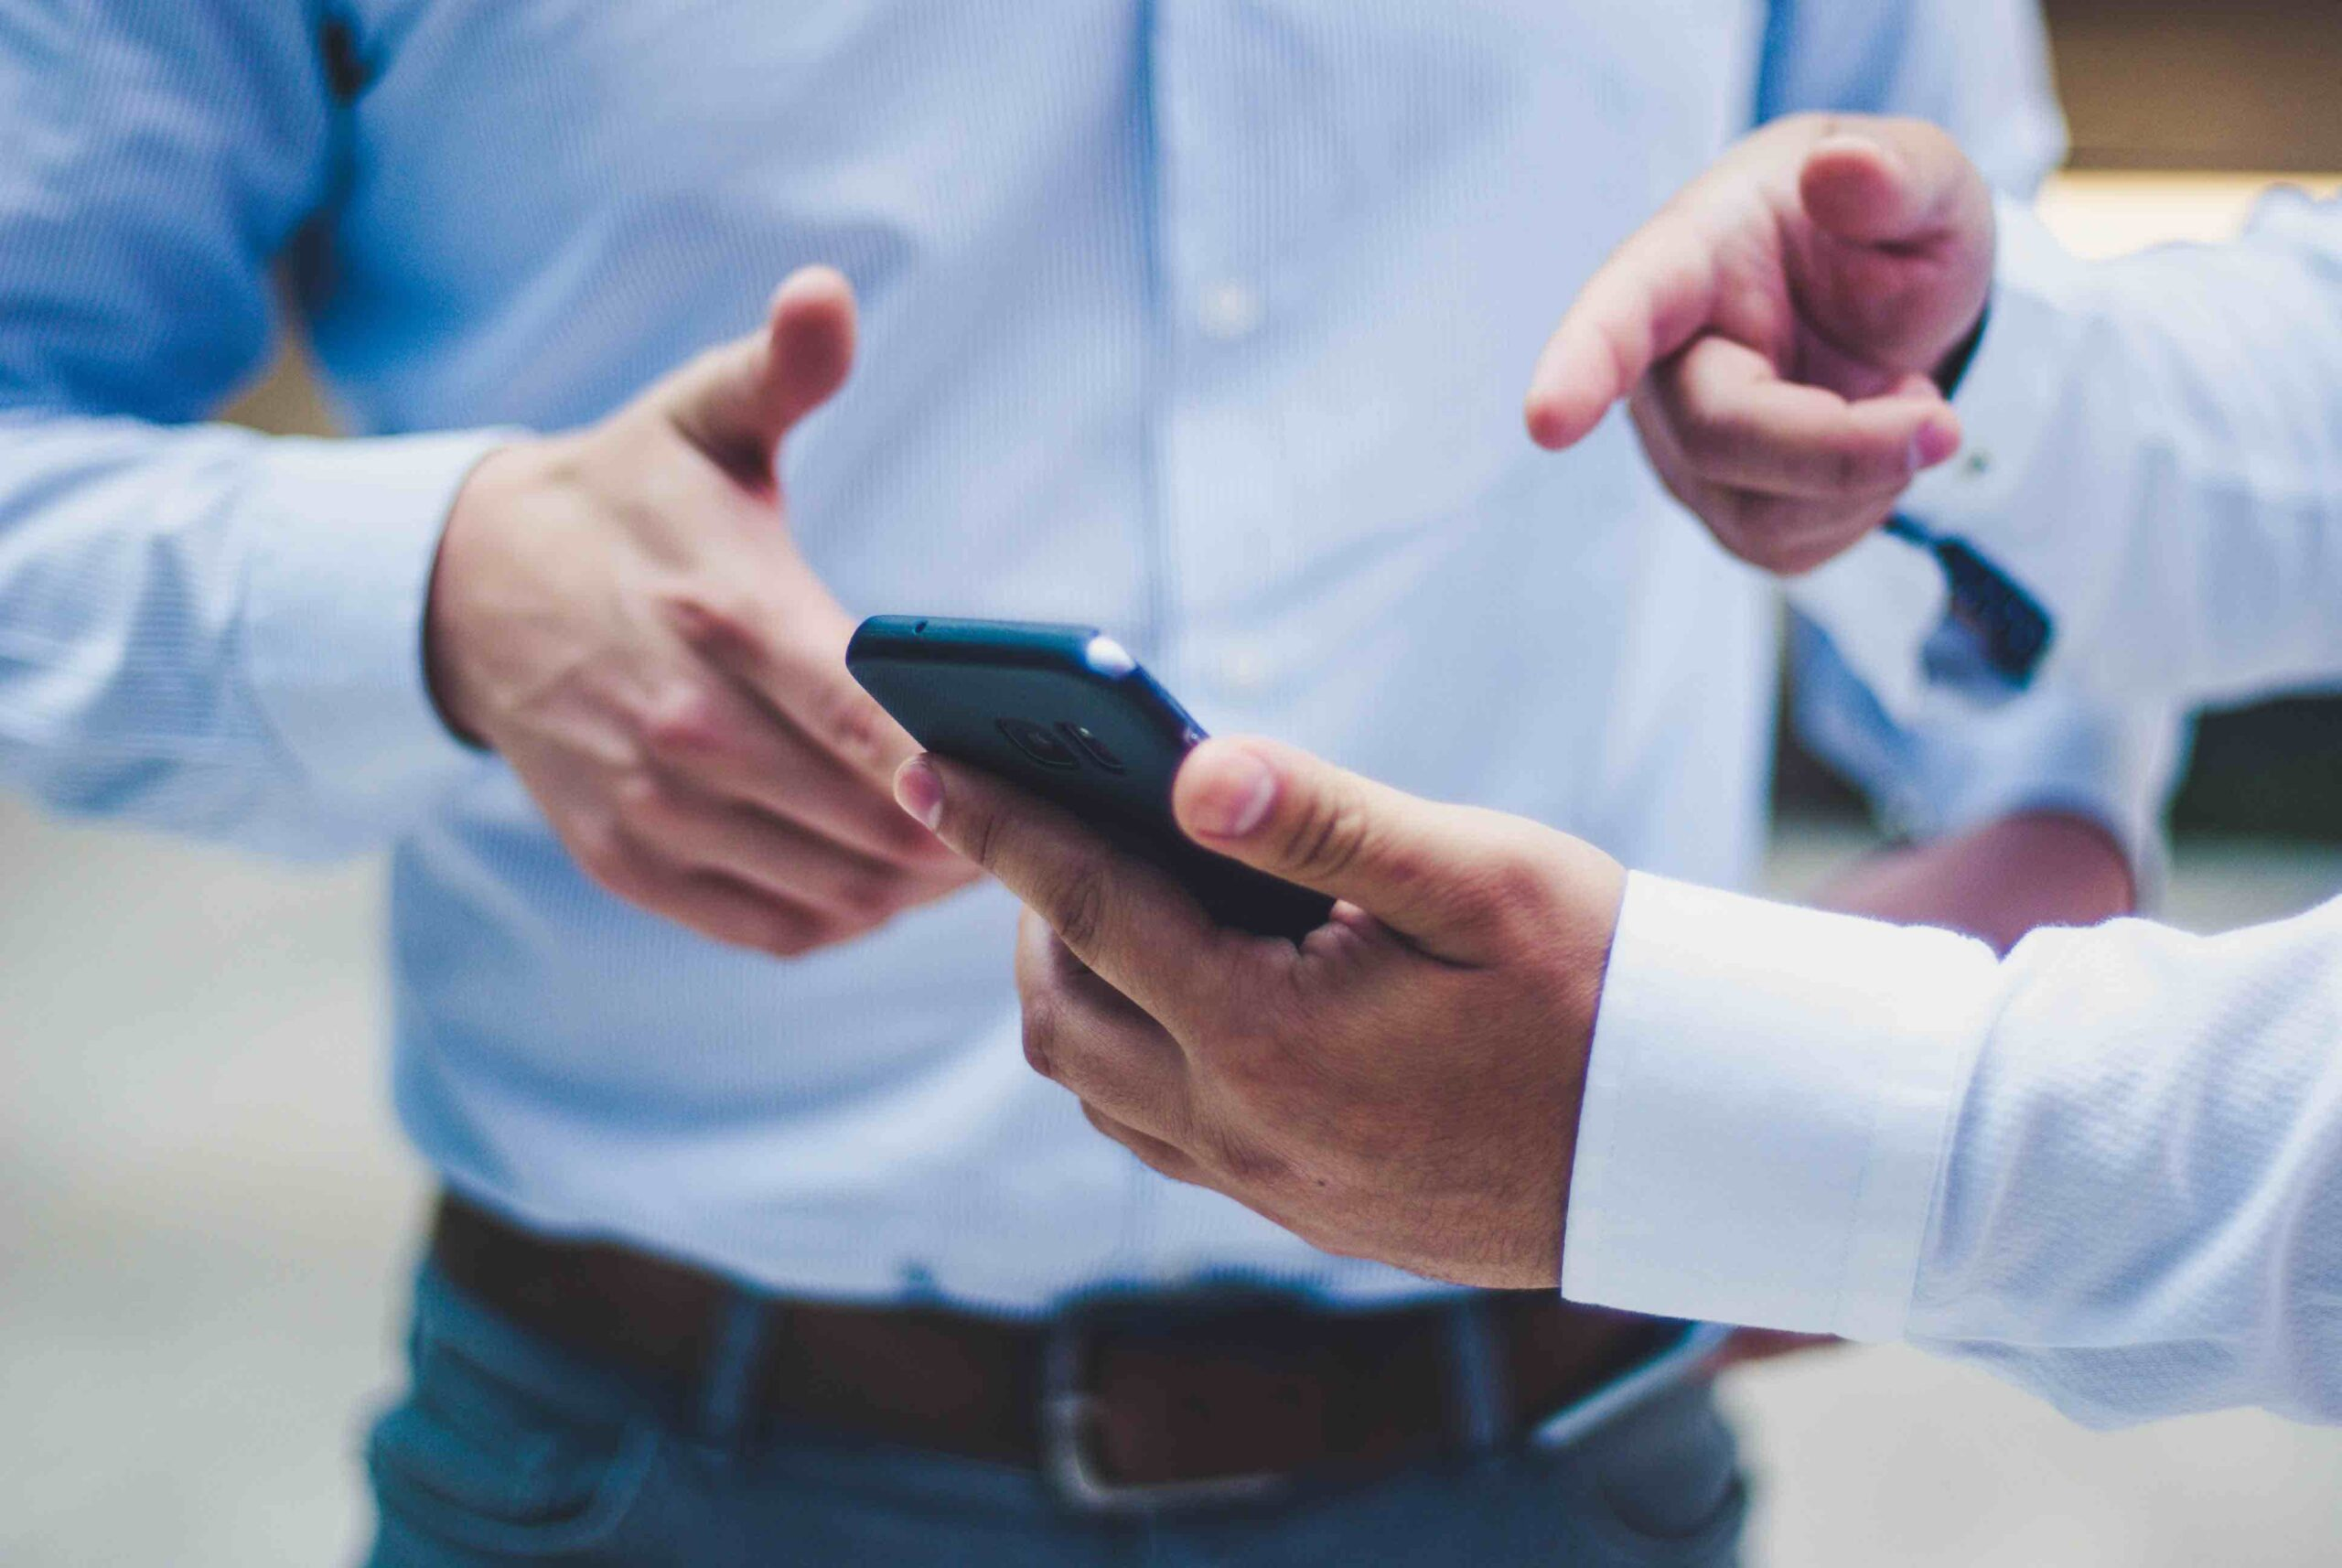 Sälja annonsplats via programmatic Proad sweden två män tittar på mobil